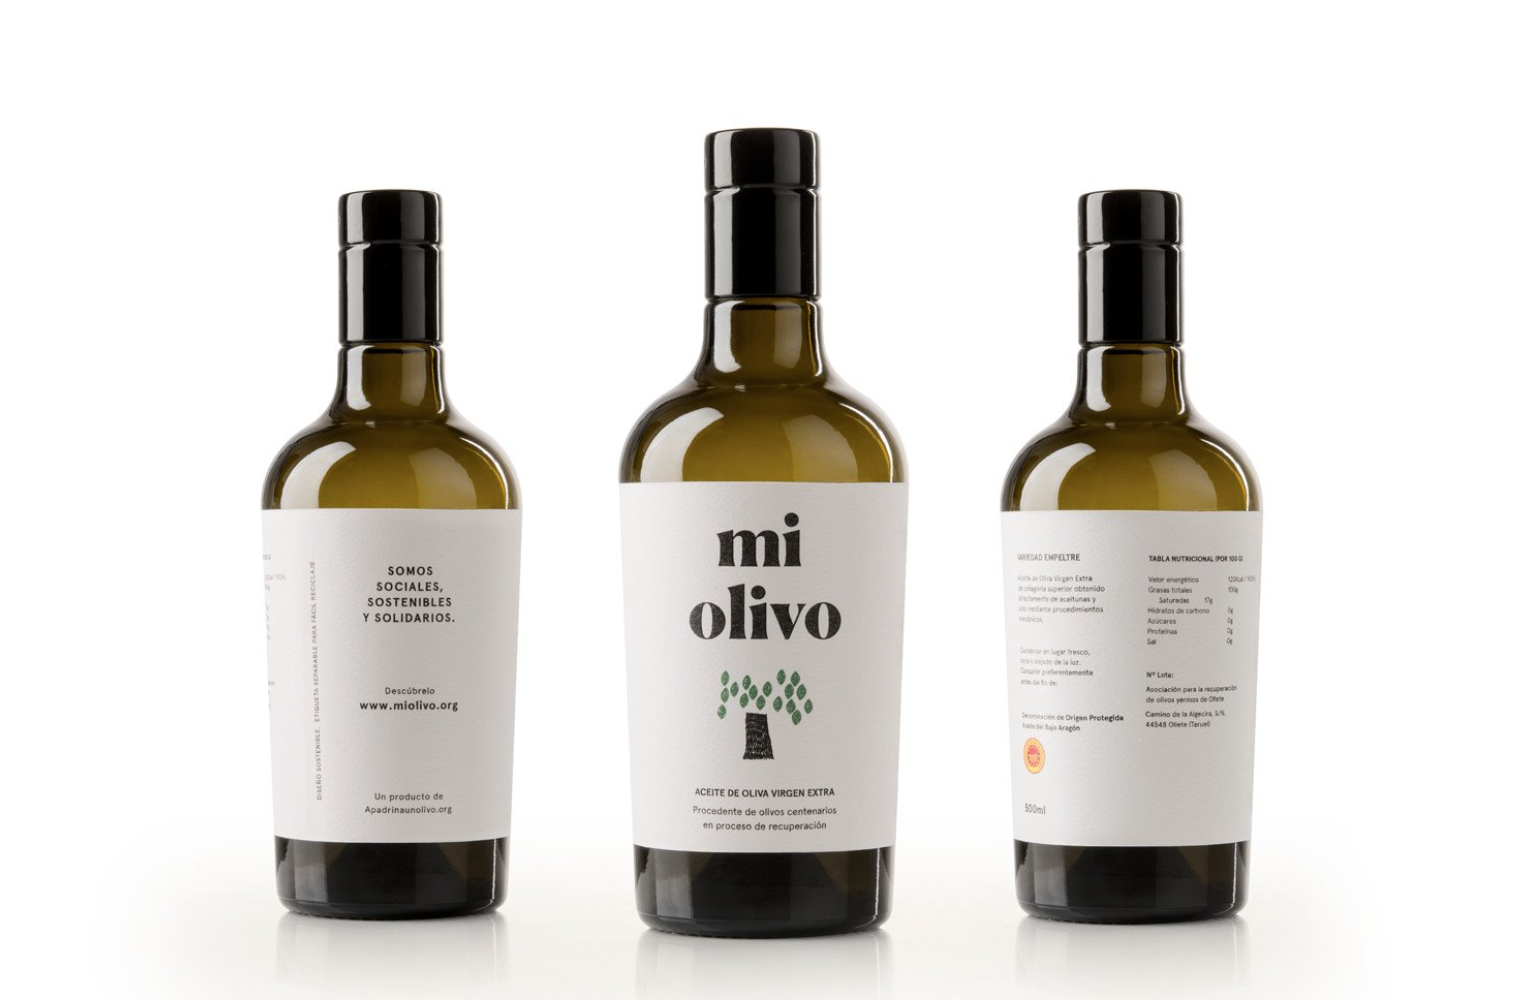 Cómo apadrinar un olivo con Apadrinaunolivo.org